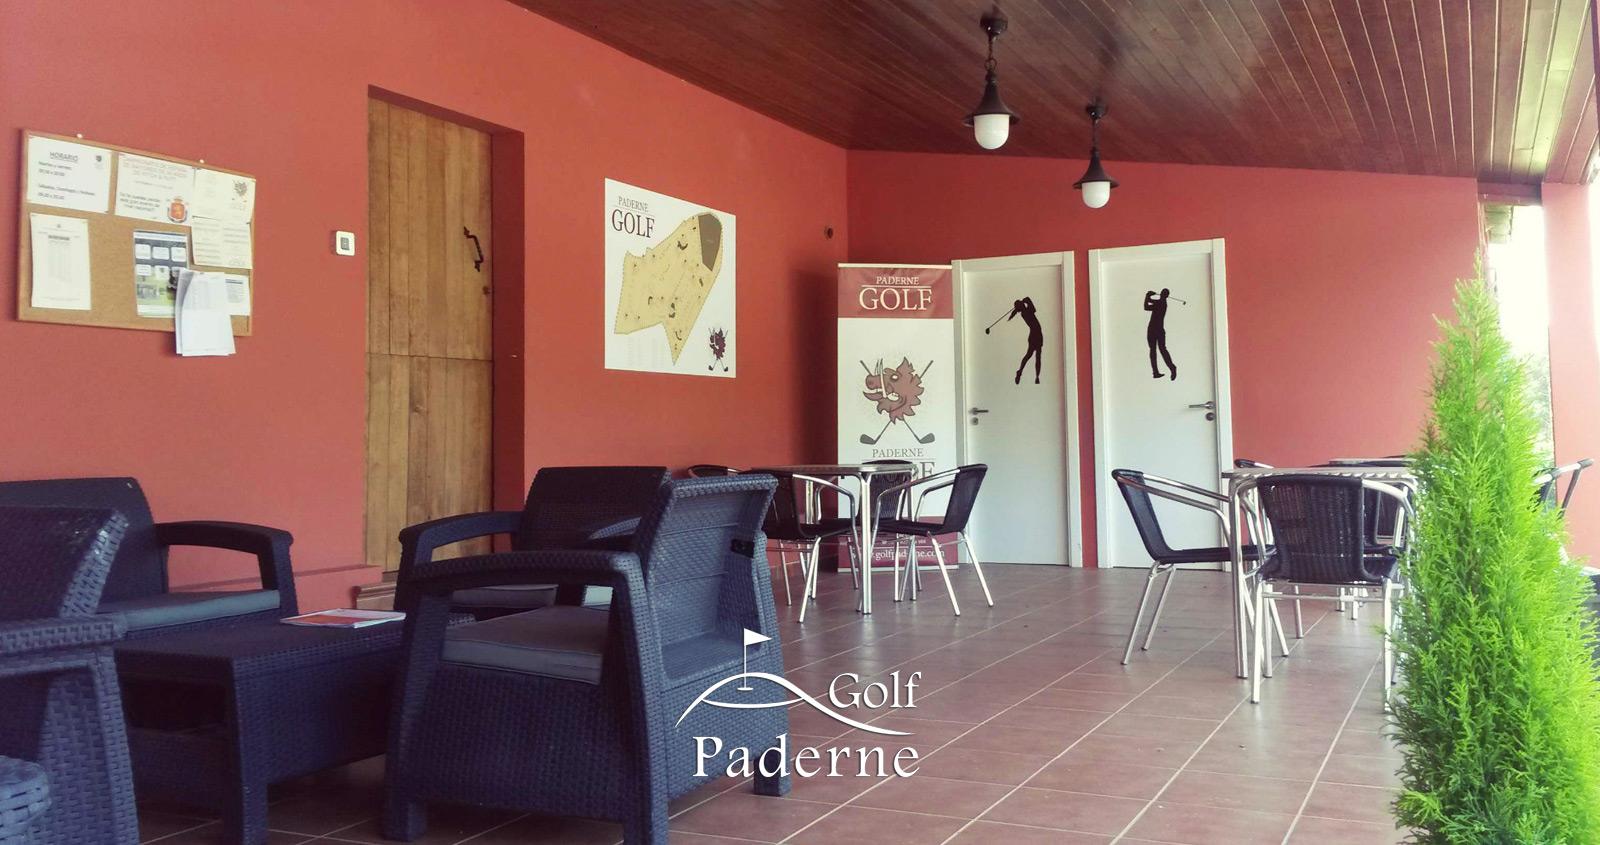 Terraza y vestuarios en Golf Paderne